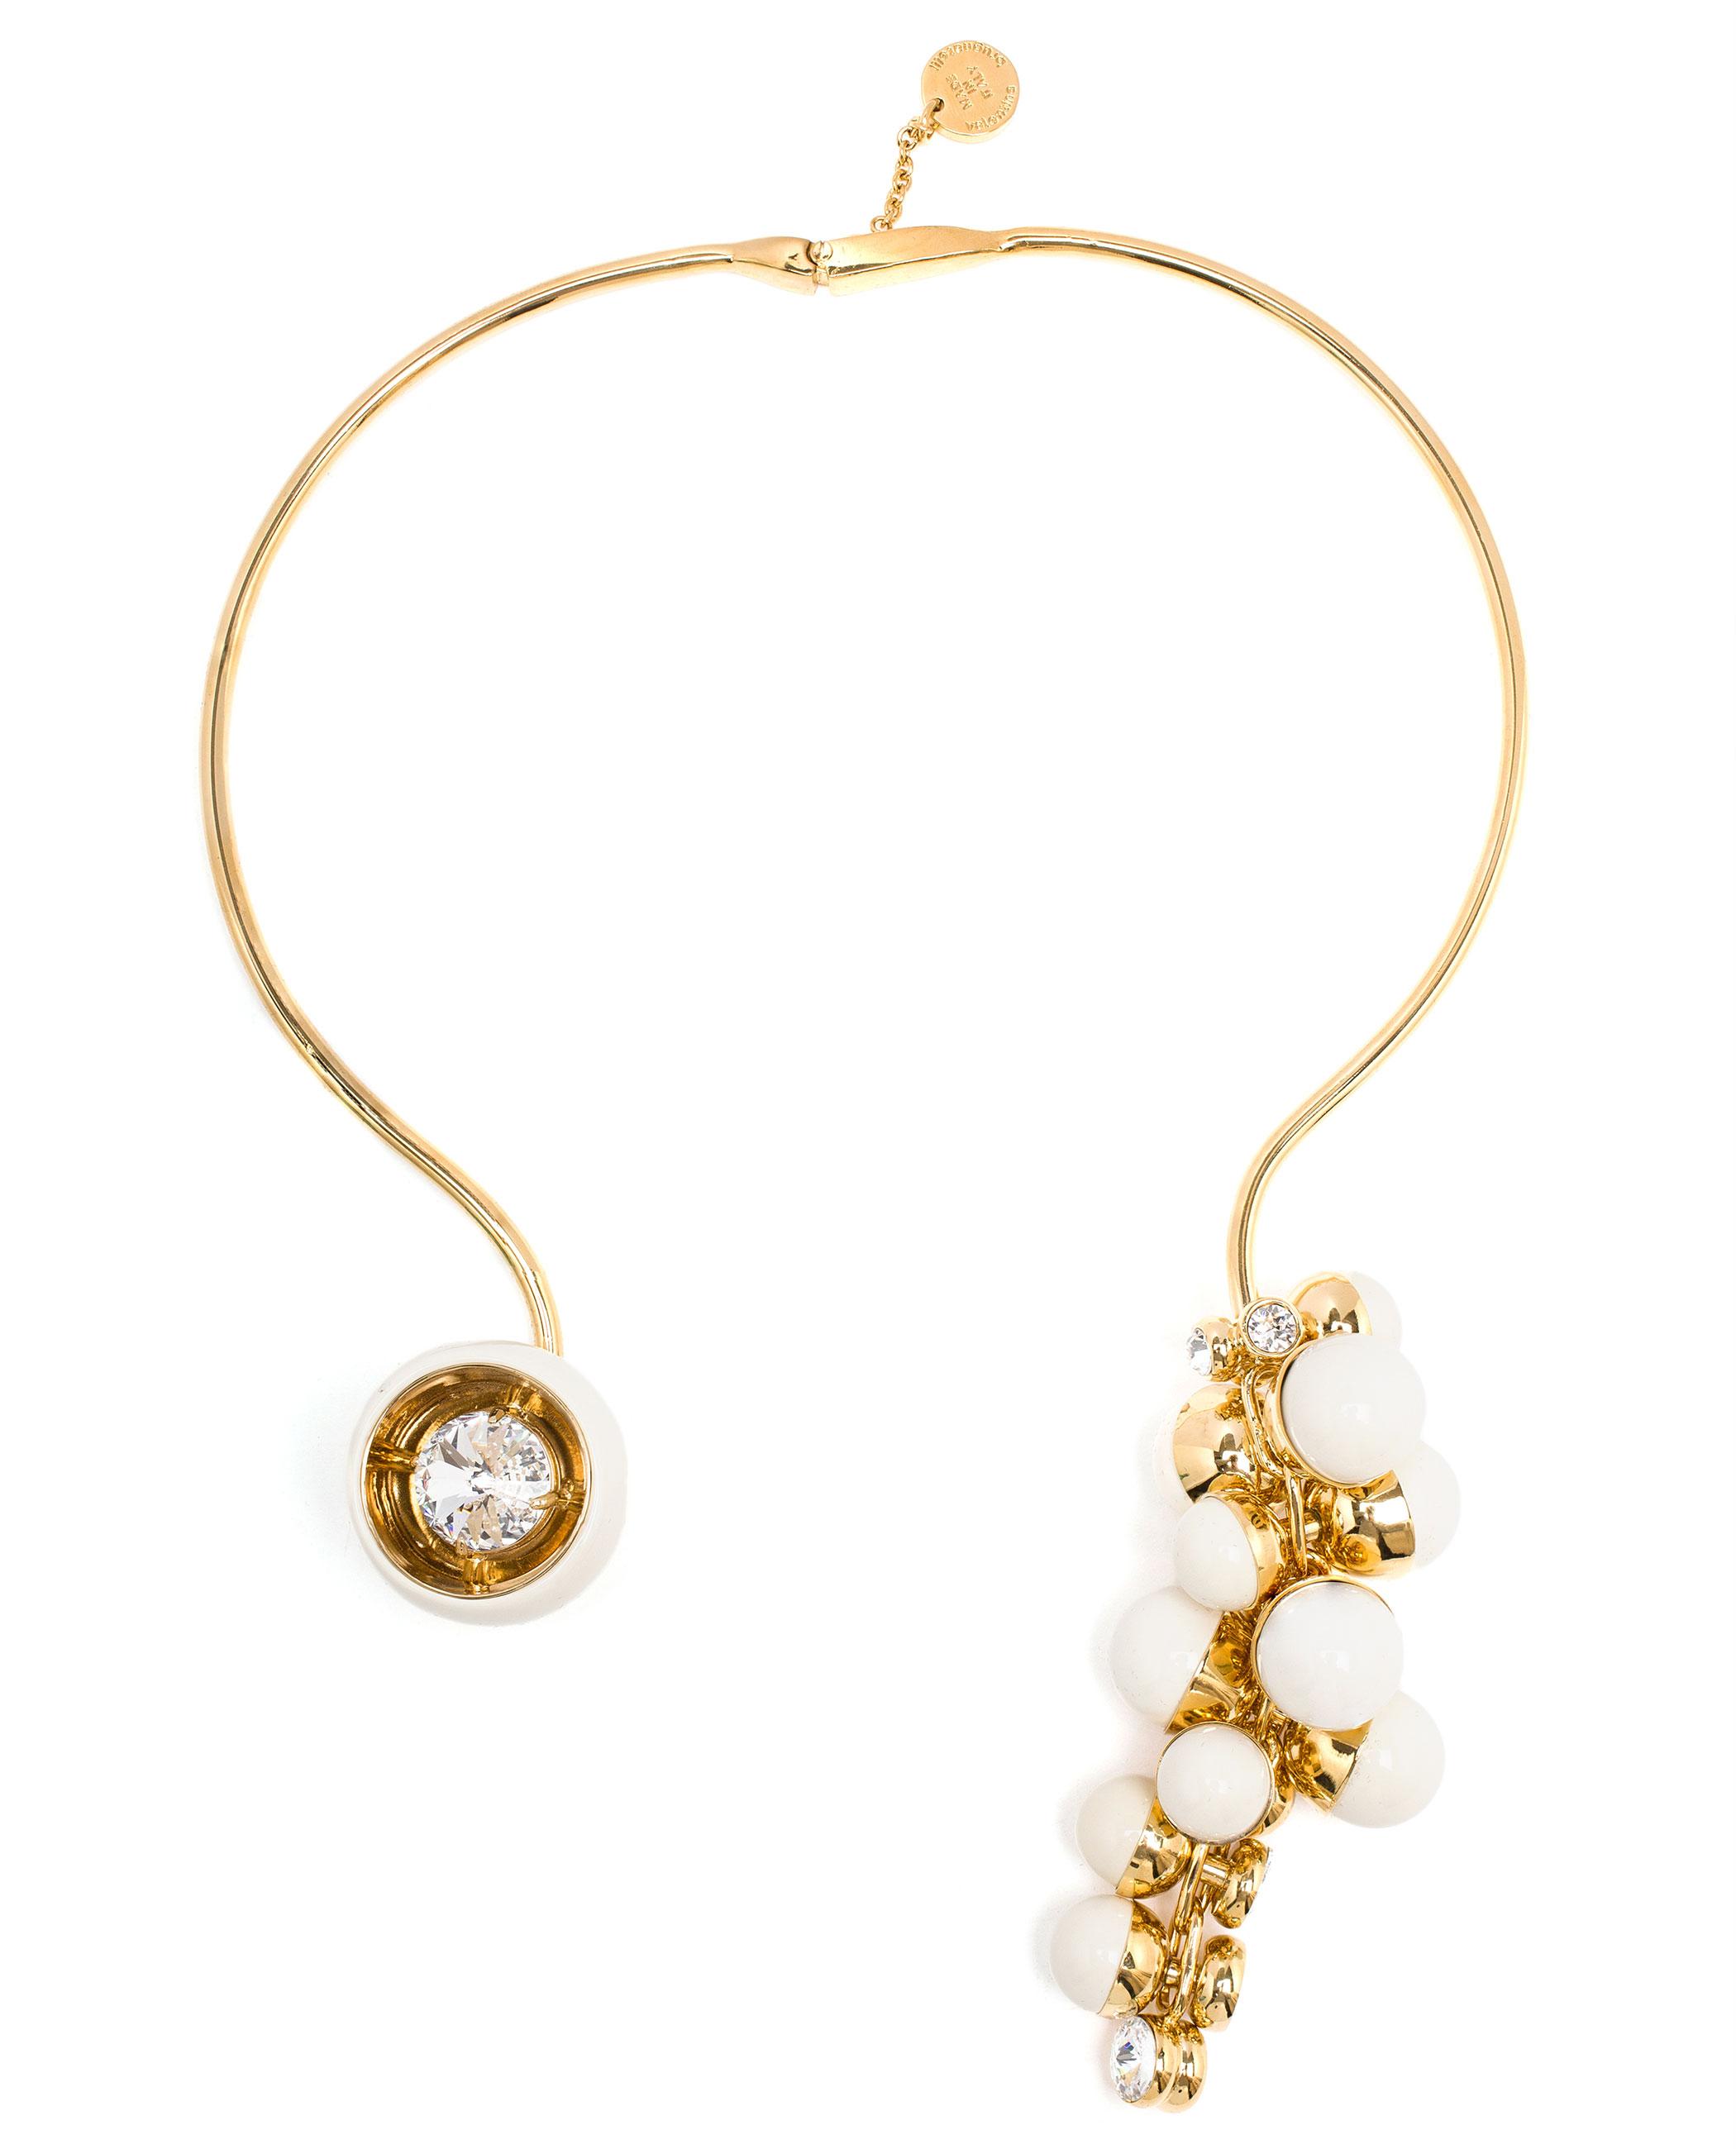 Valentina Brugnatelli Resin And Swarovski Necklace in White